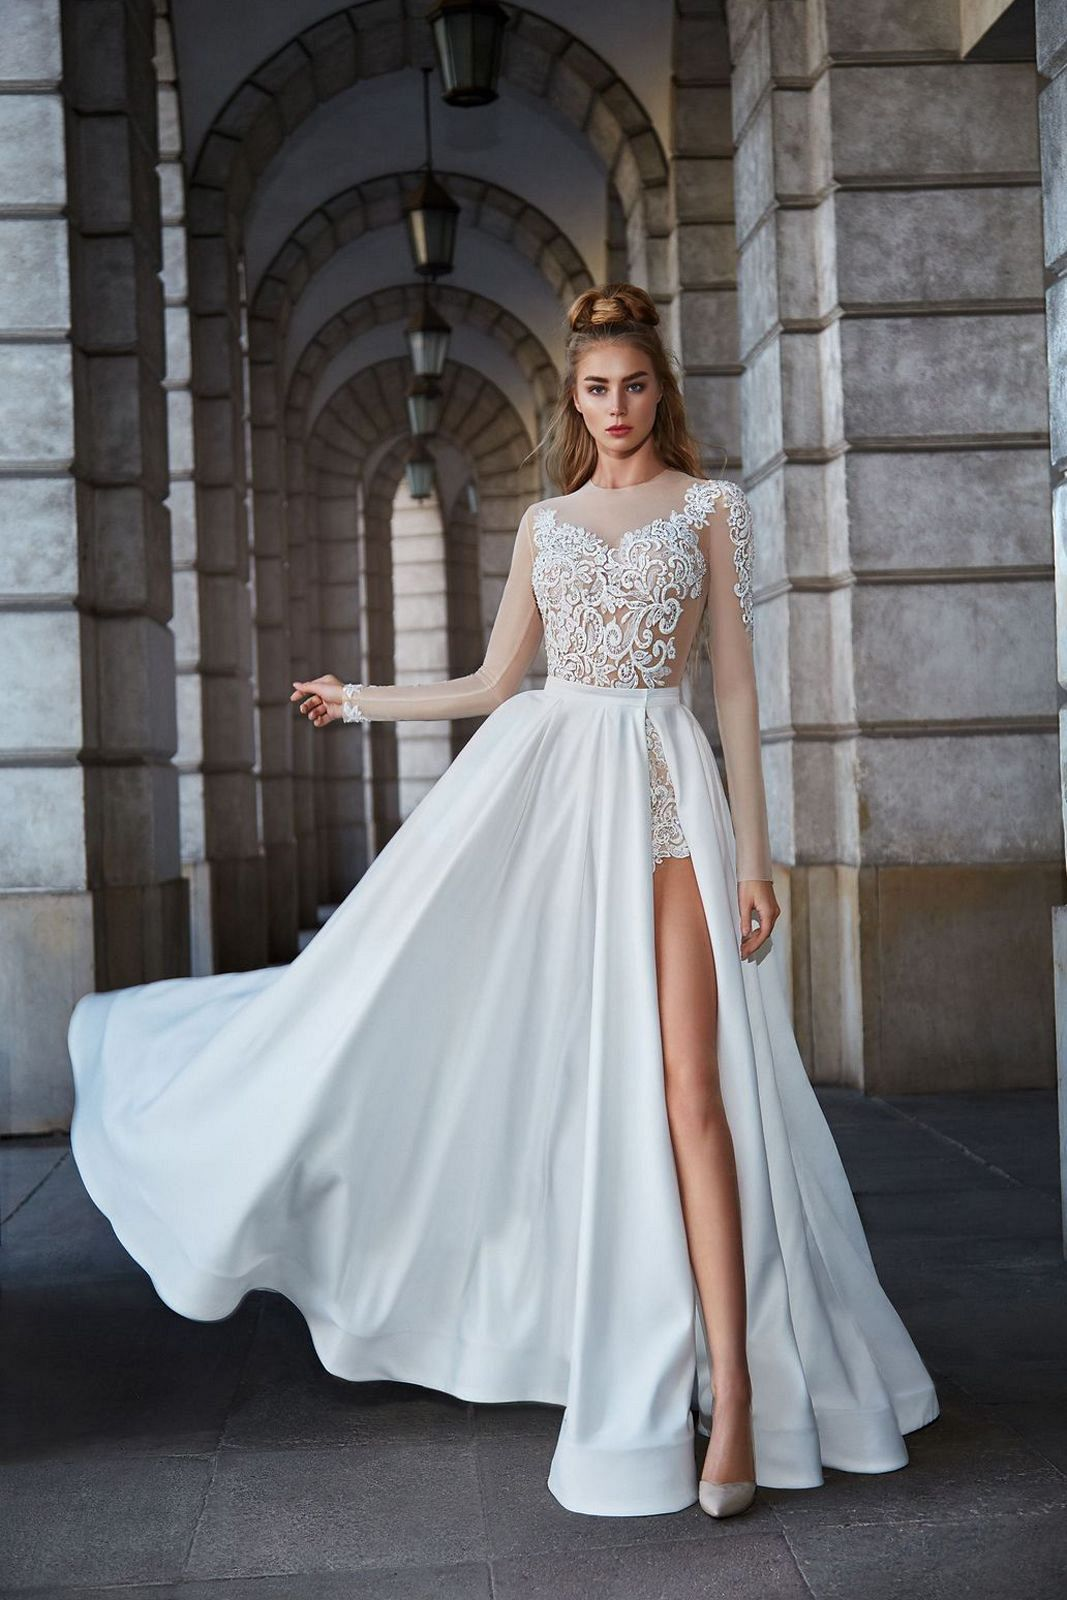 Ohromující svatební šaty - body a sukně - Obrázek č. 1